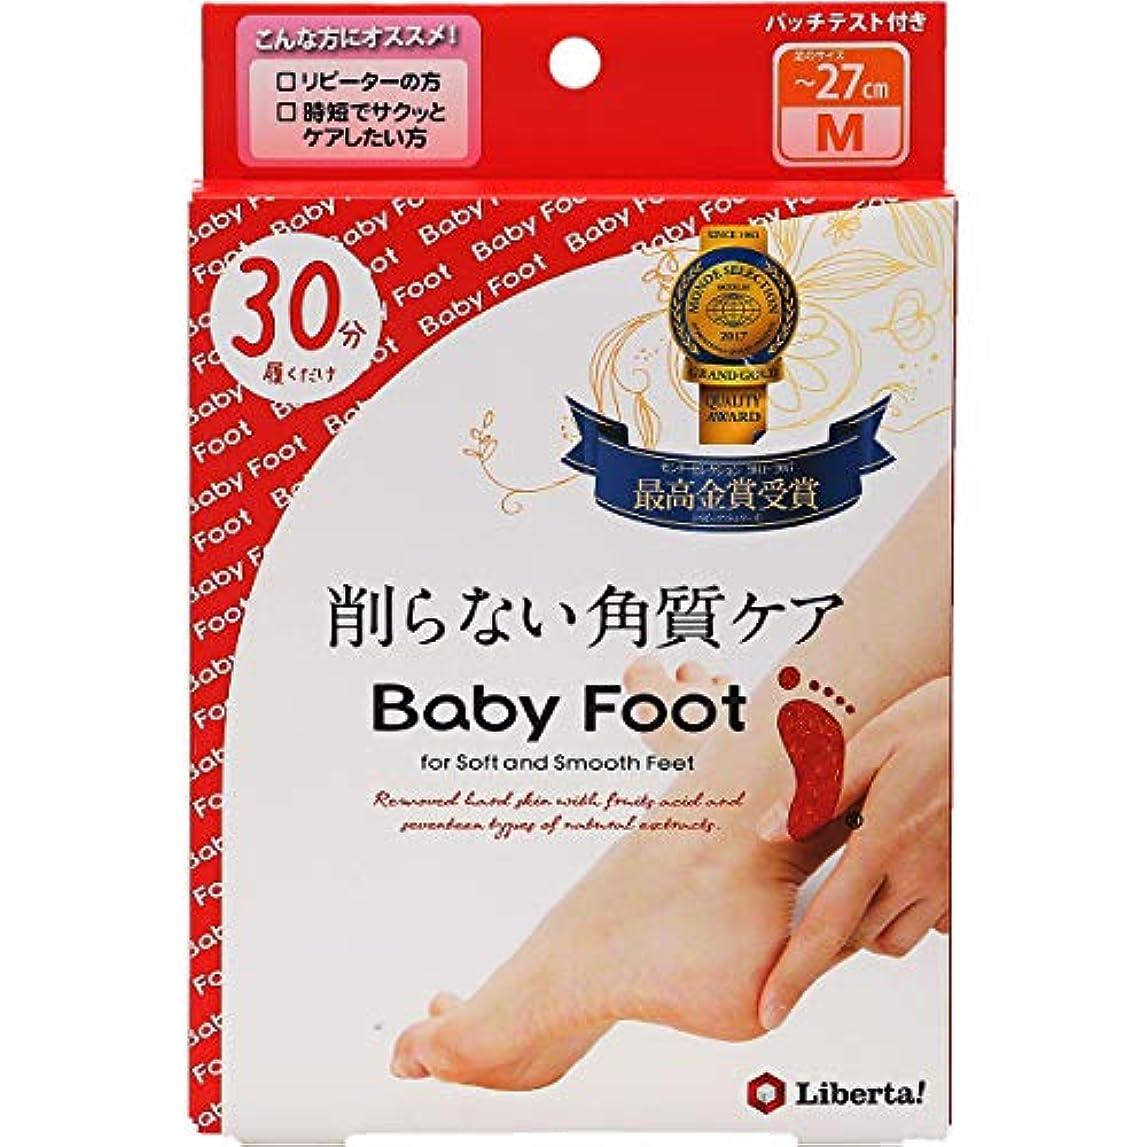 休憩に変わる放映ベビーフット (Baby Foot) ベビーフット イージーパック30分タイプ Mサイズ 単品